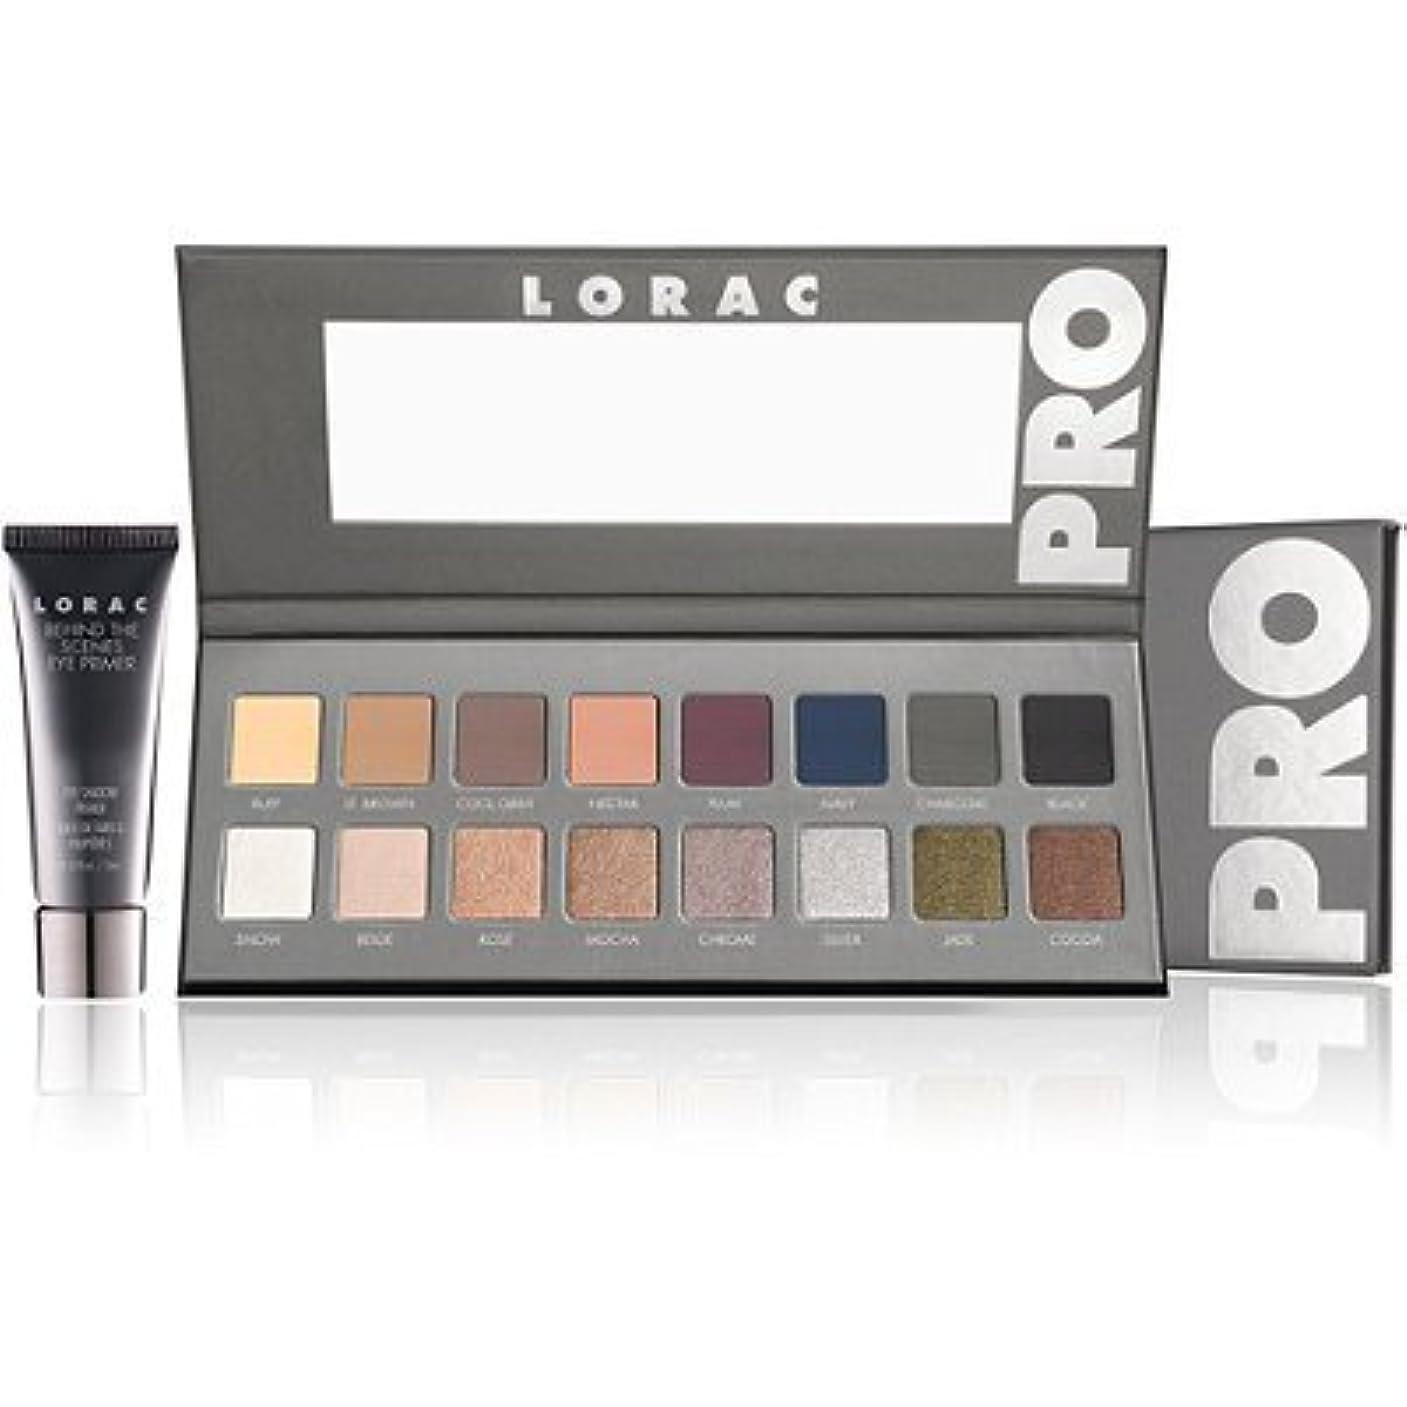 ぜいたく不完全な細分化するLORAC  'PRO' Palette 2 / LORACプロのアイメイク シャドウパレット 16色